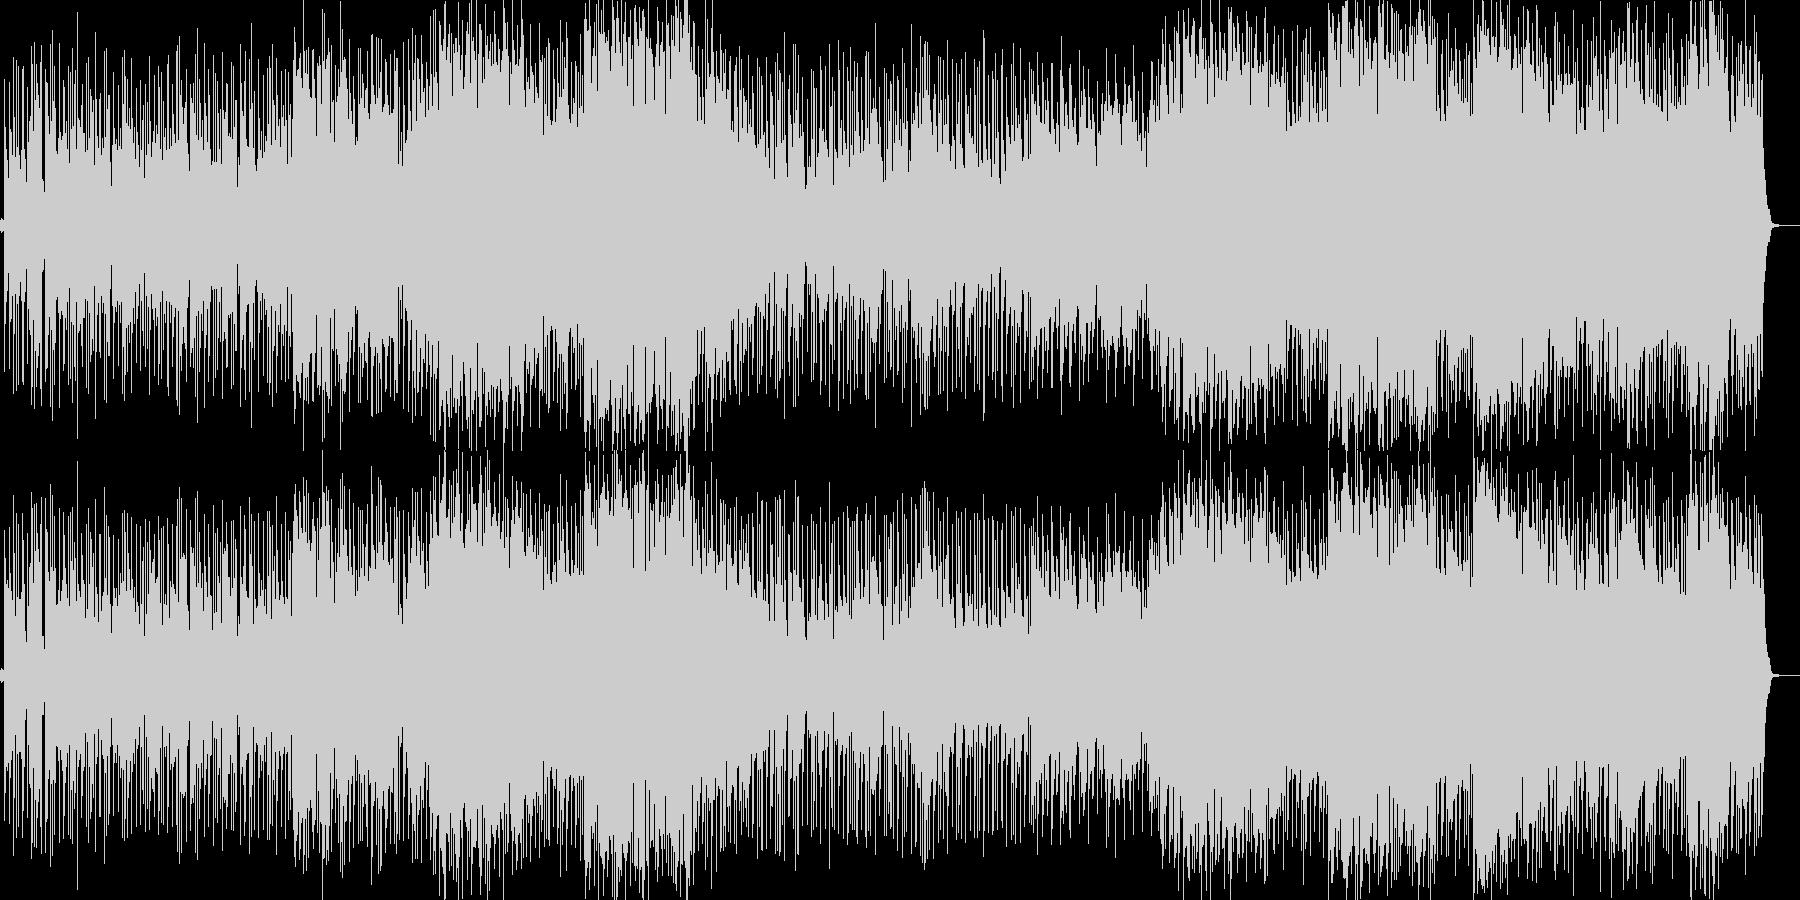 aiko「カブトムシ」風の、ミディアム…の未再生の波形